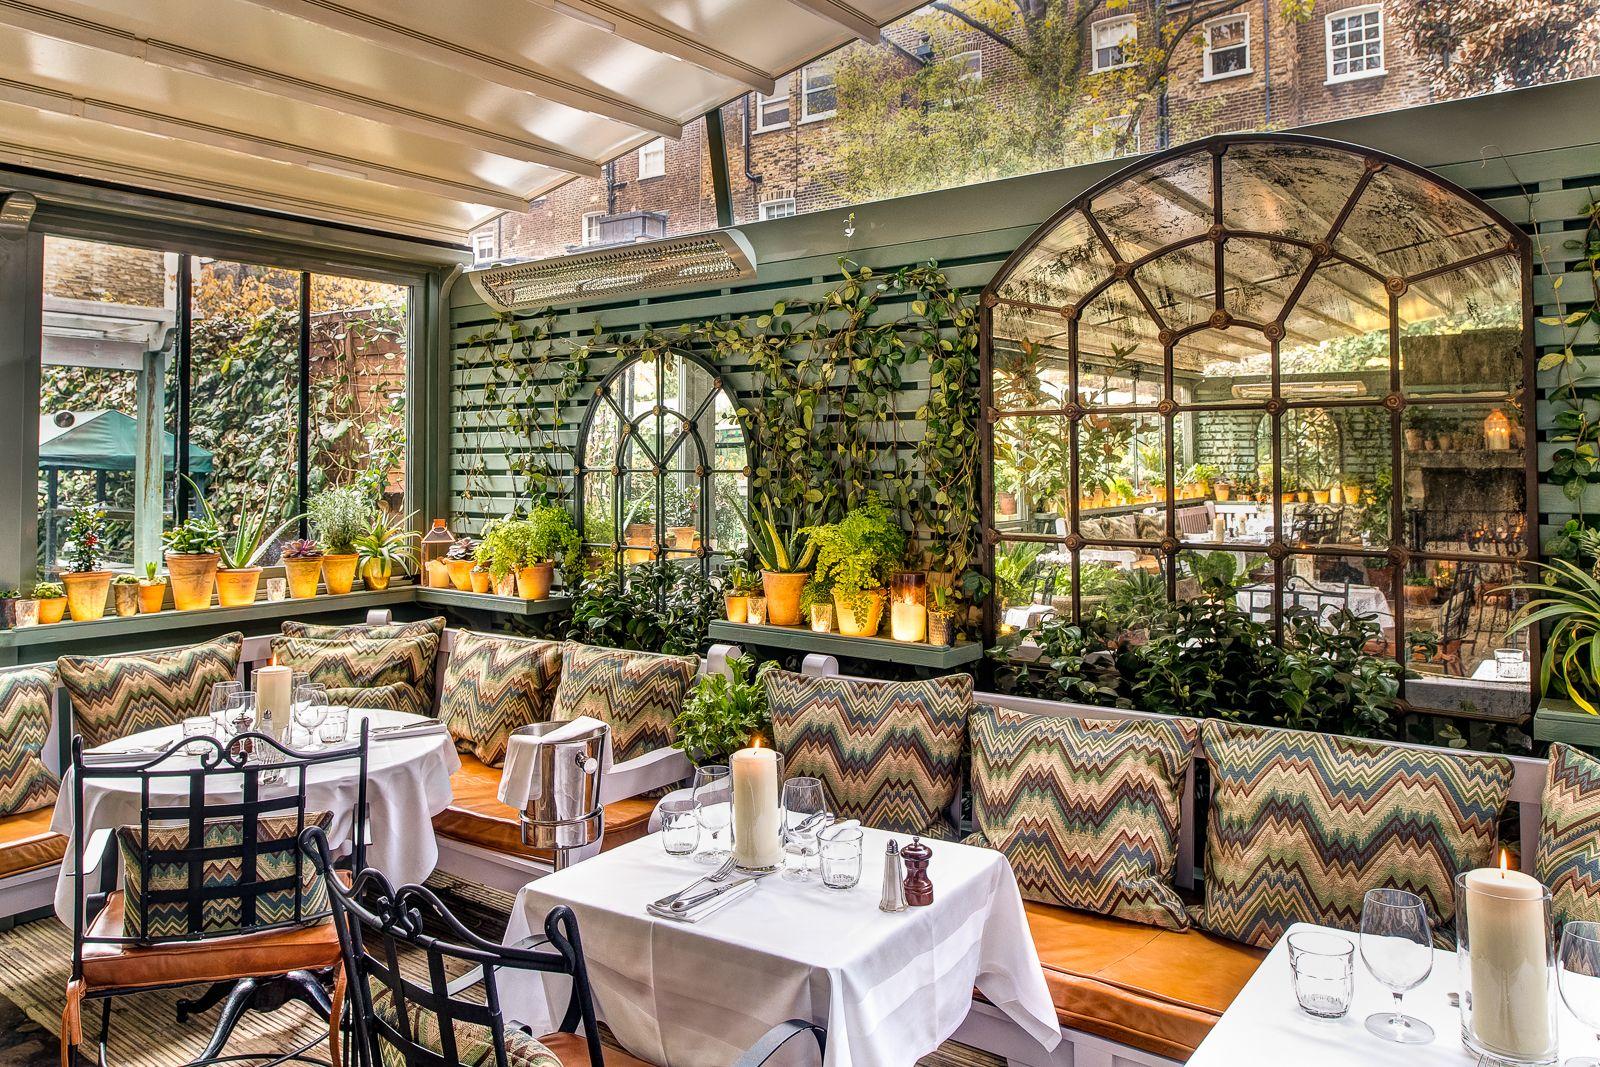 The Ivy Chelsea Garden Chelsea Garden The Ivy Chelsea Outdoor Restaurant